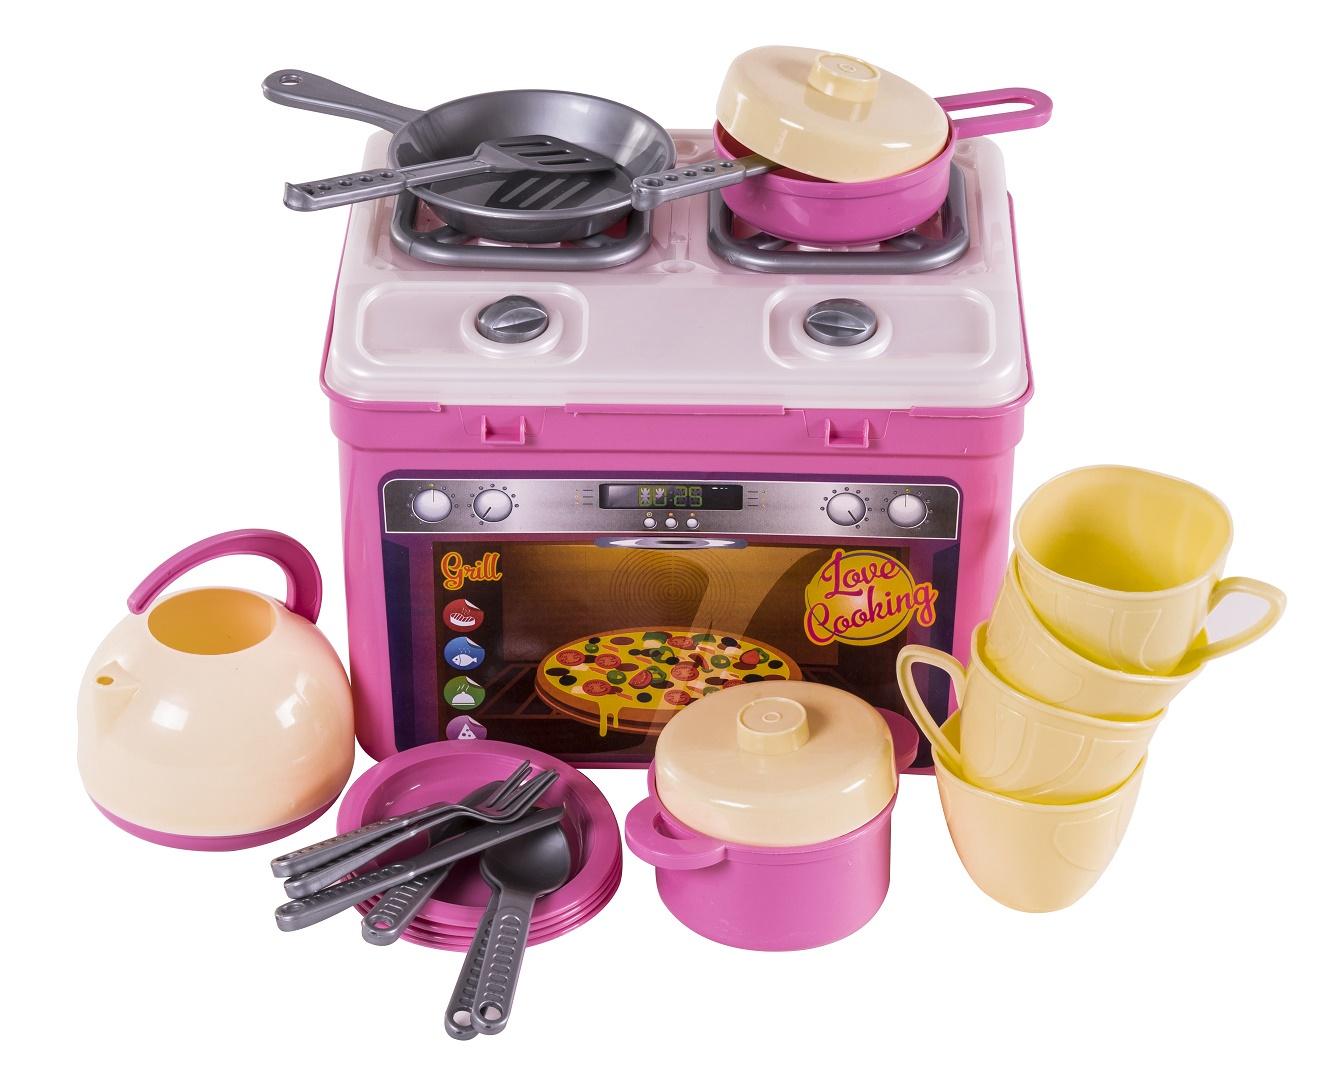 цена на Сюжетно-ролевые игрушки ORION TOYS Кухня Адель 816 с набором посуды, 1156241